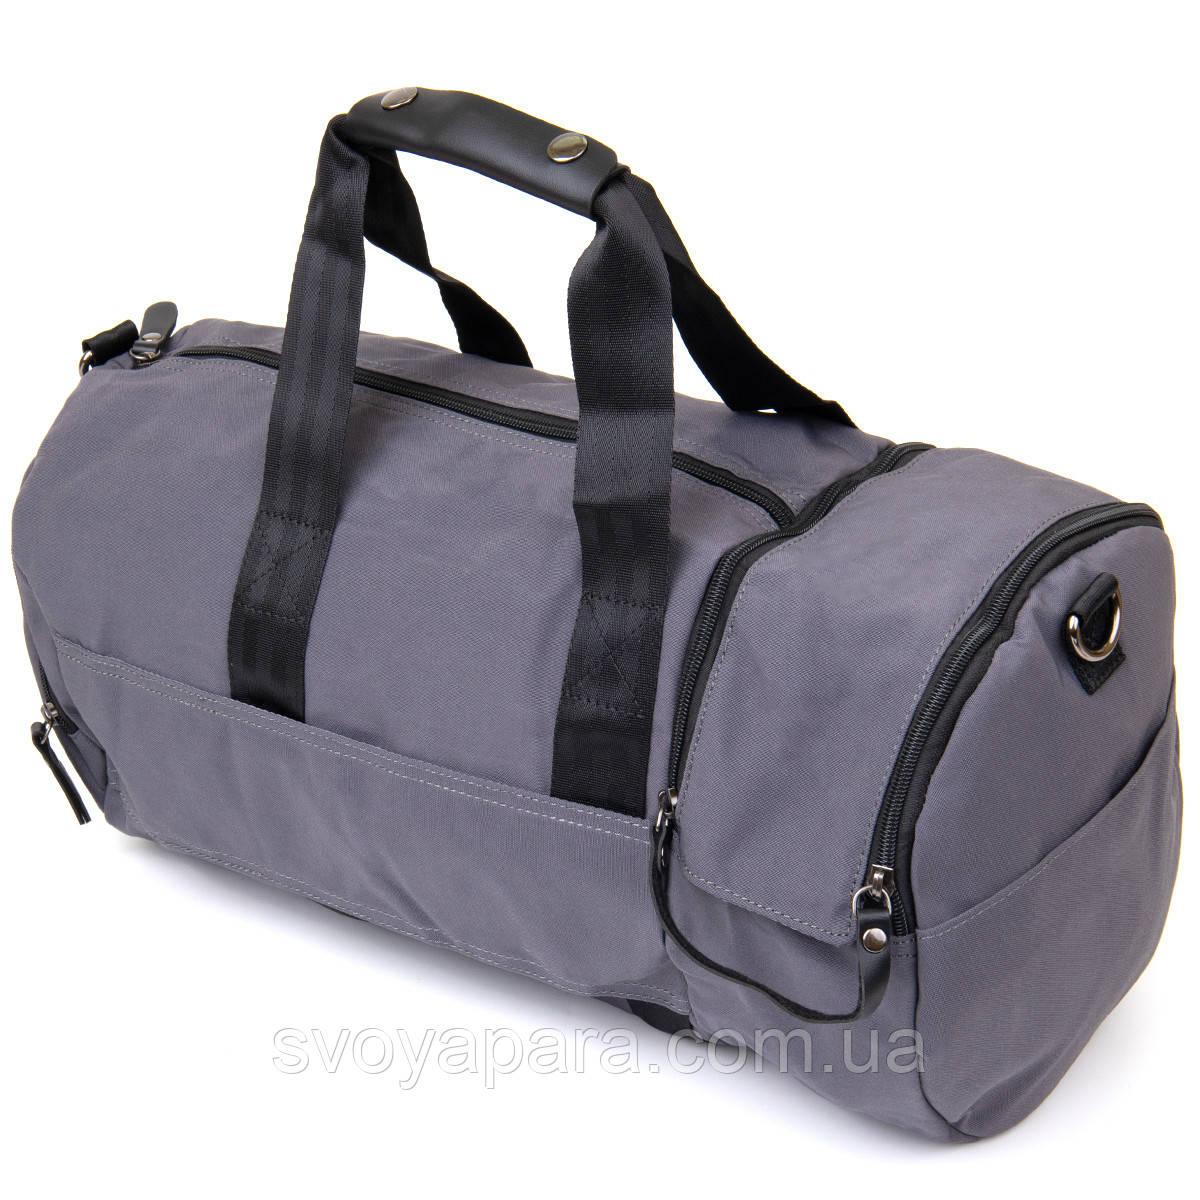 Спортивна сумка текстильна Vintage 20641 Сіра